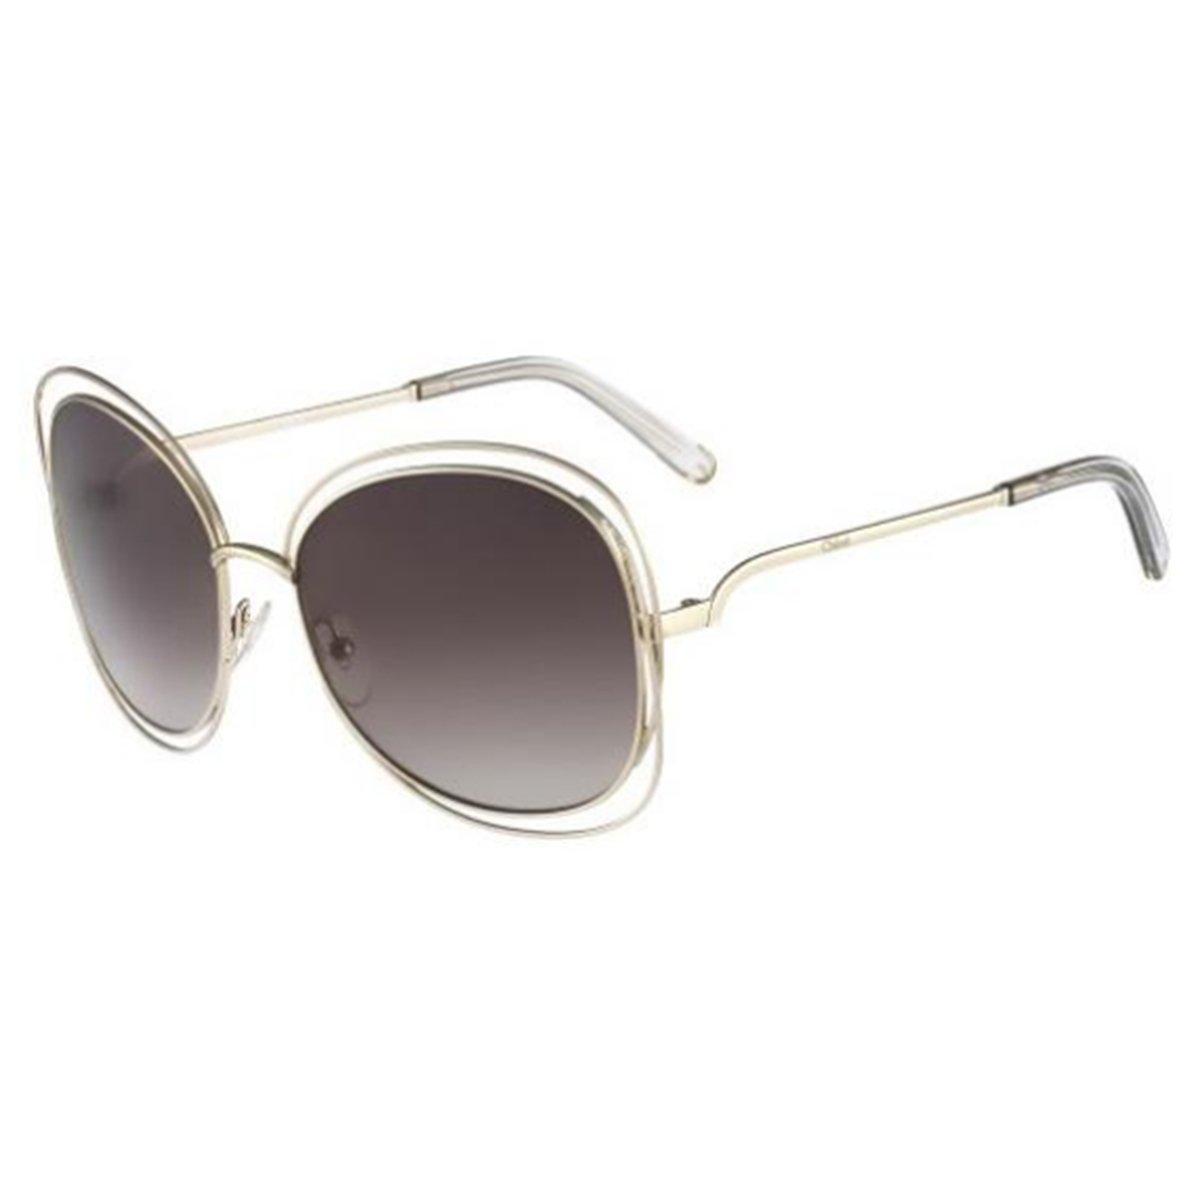 0b0fd129530f7 Compre Óculos de Sol Chloé Carlina em 10X